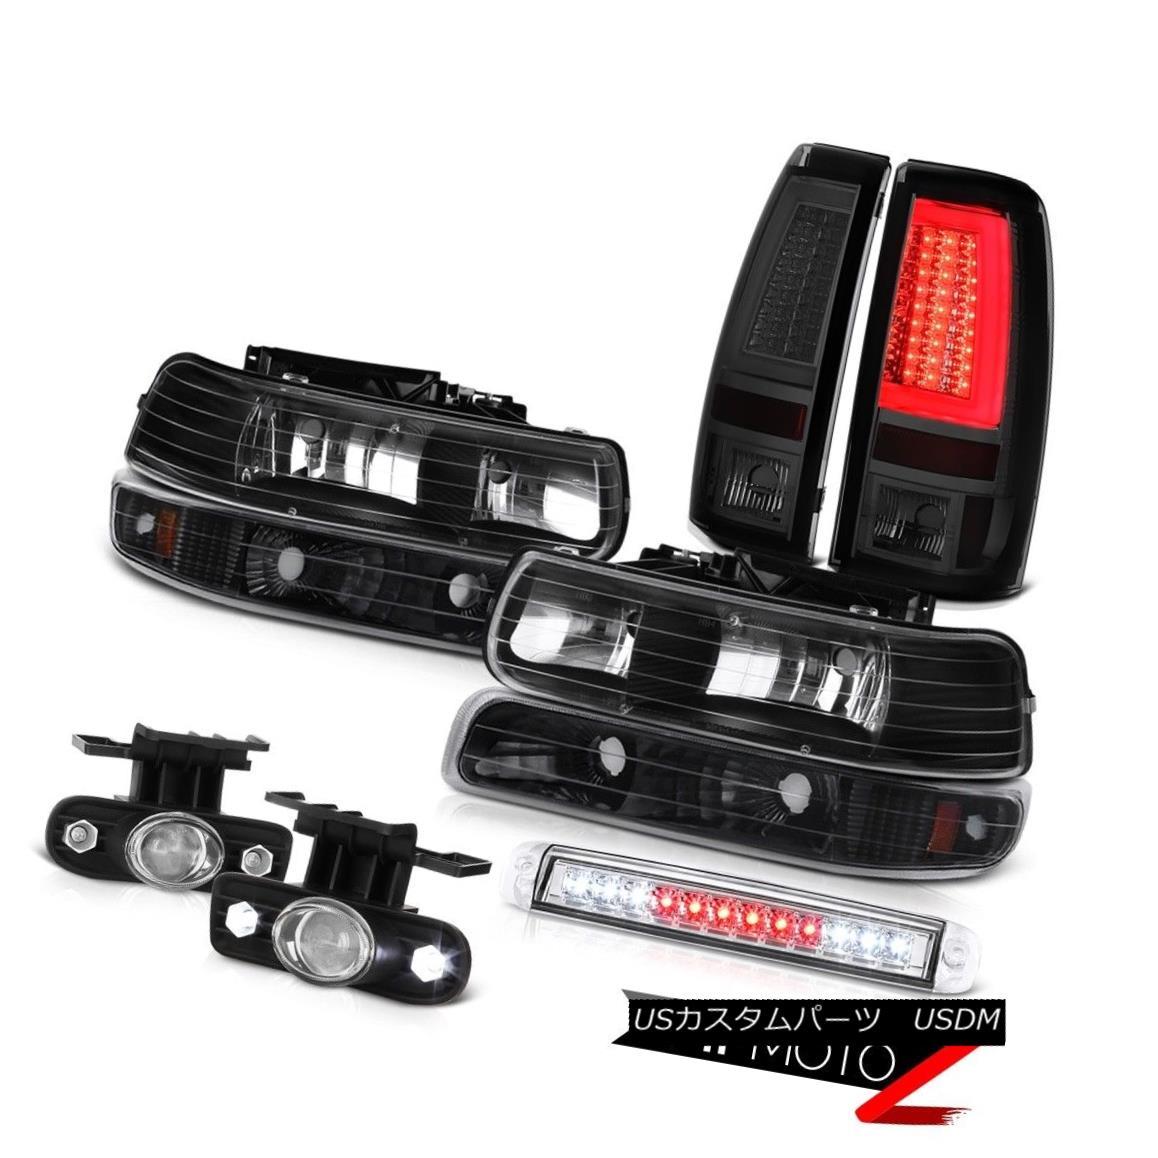 テールライト 99-02 Chevy Silverado Taillights High Stop Light Foglamps Foglights Bumper LED 99-02シボレーシルバラードテールライトハイストップライトフォグランプフォグライトバンパーLED